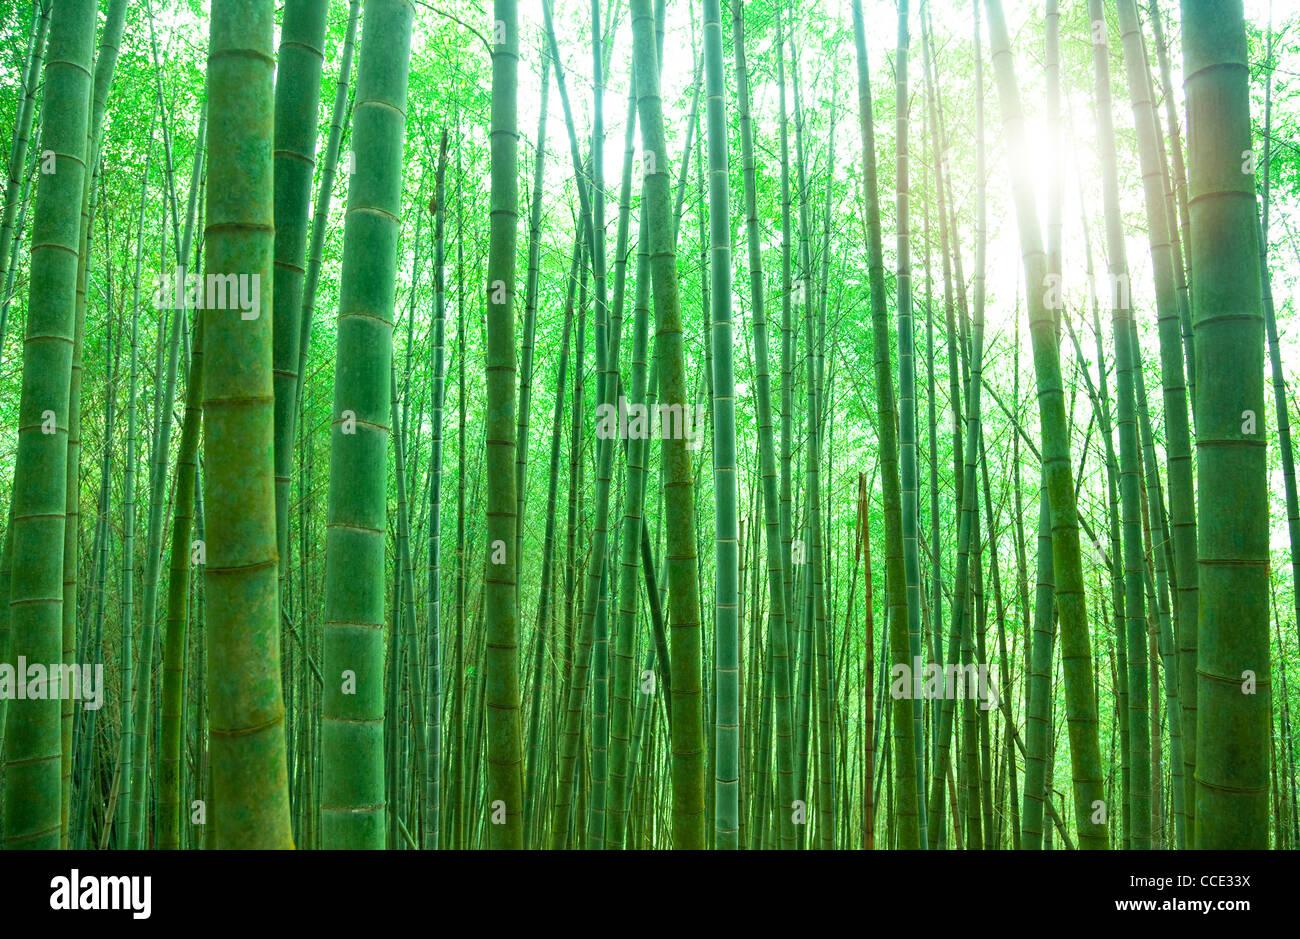 Verde bosque de bambú con luz solar Foto de stock